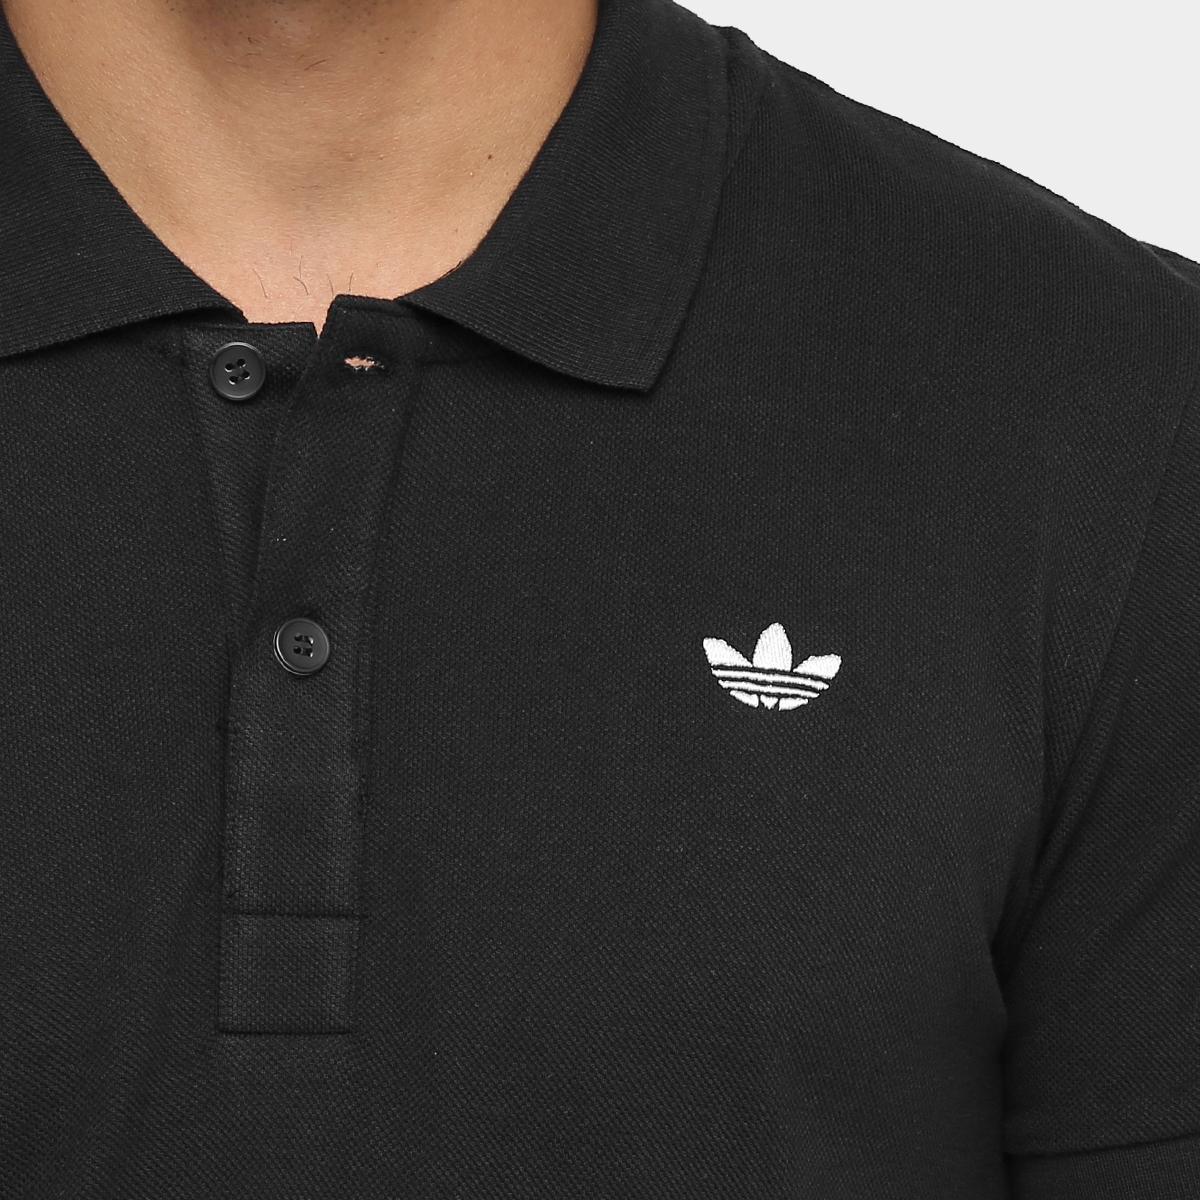 0161e61a86 Camisa Adidas Originals Adi Polo Pique - Preto e Branco - Compre ...